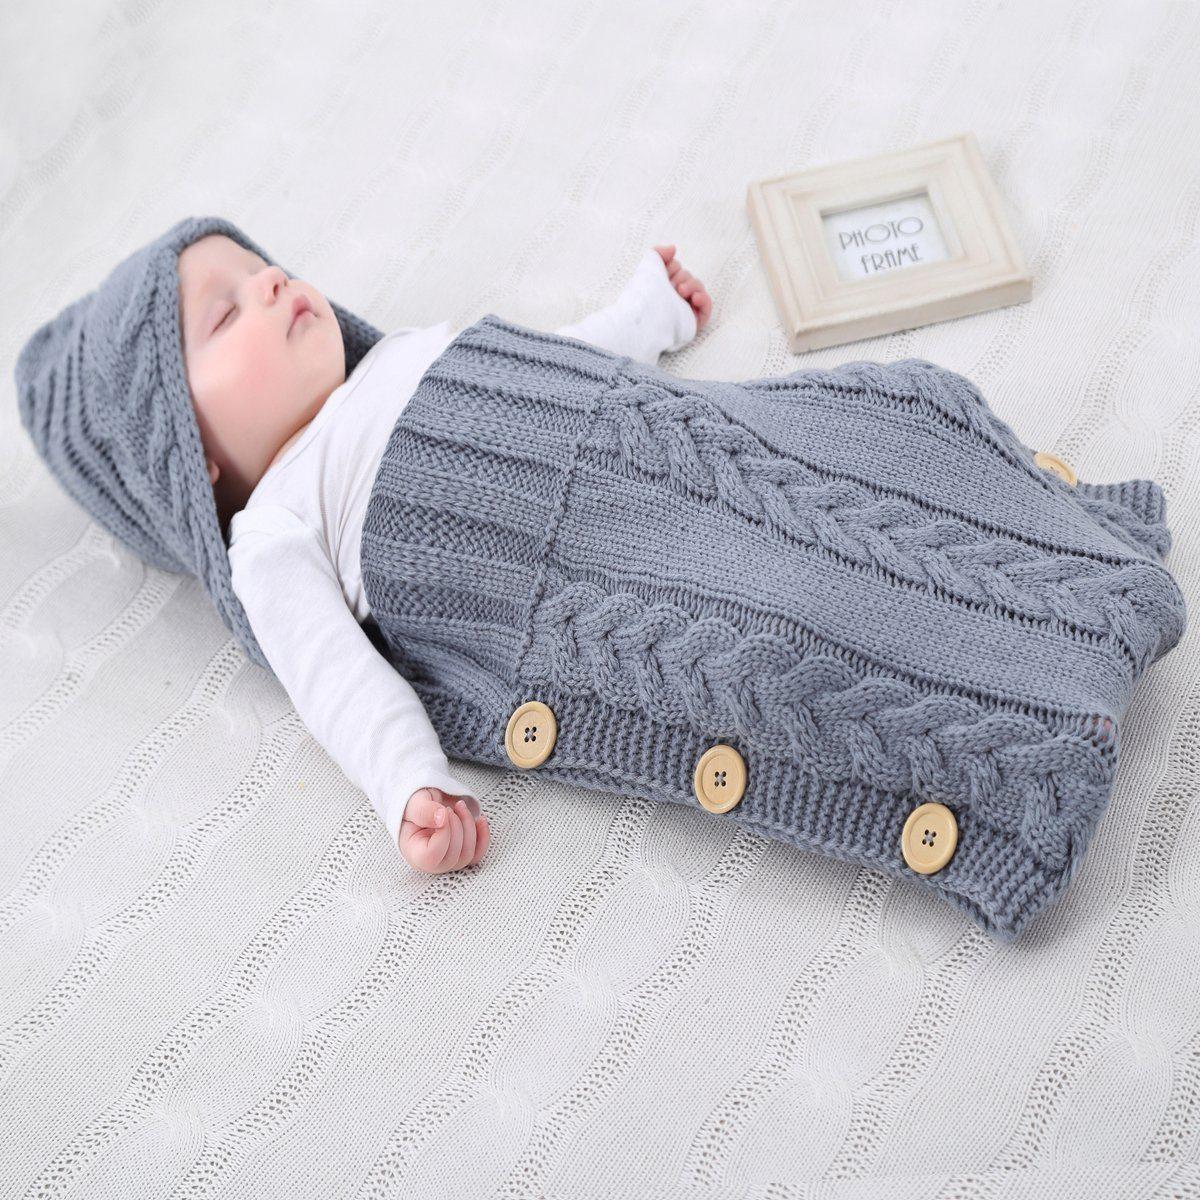 Neugeborenes Babydecke Wrap Swaddle Decke, SOONHUA Baby Kinder Kleinkind Wolle Knit Decke Swaddle Schlafsack Schlaf Sack Stroller Wrap für 0-12 Monate Baby (Grey)